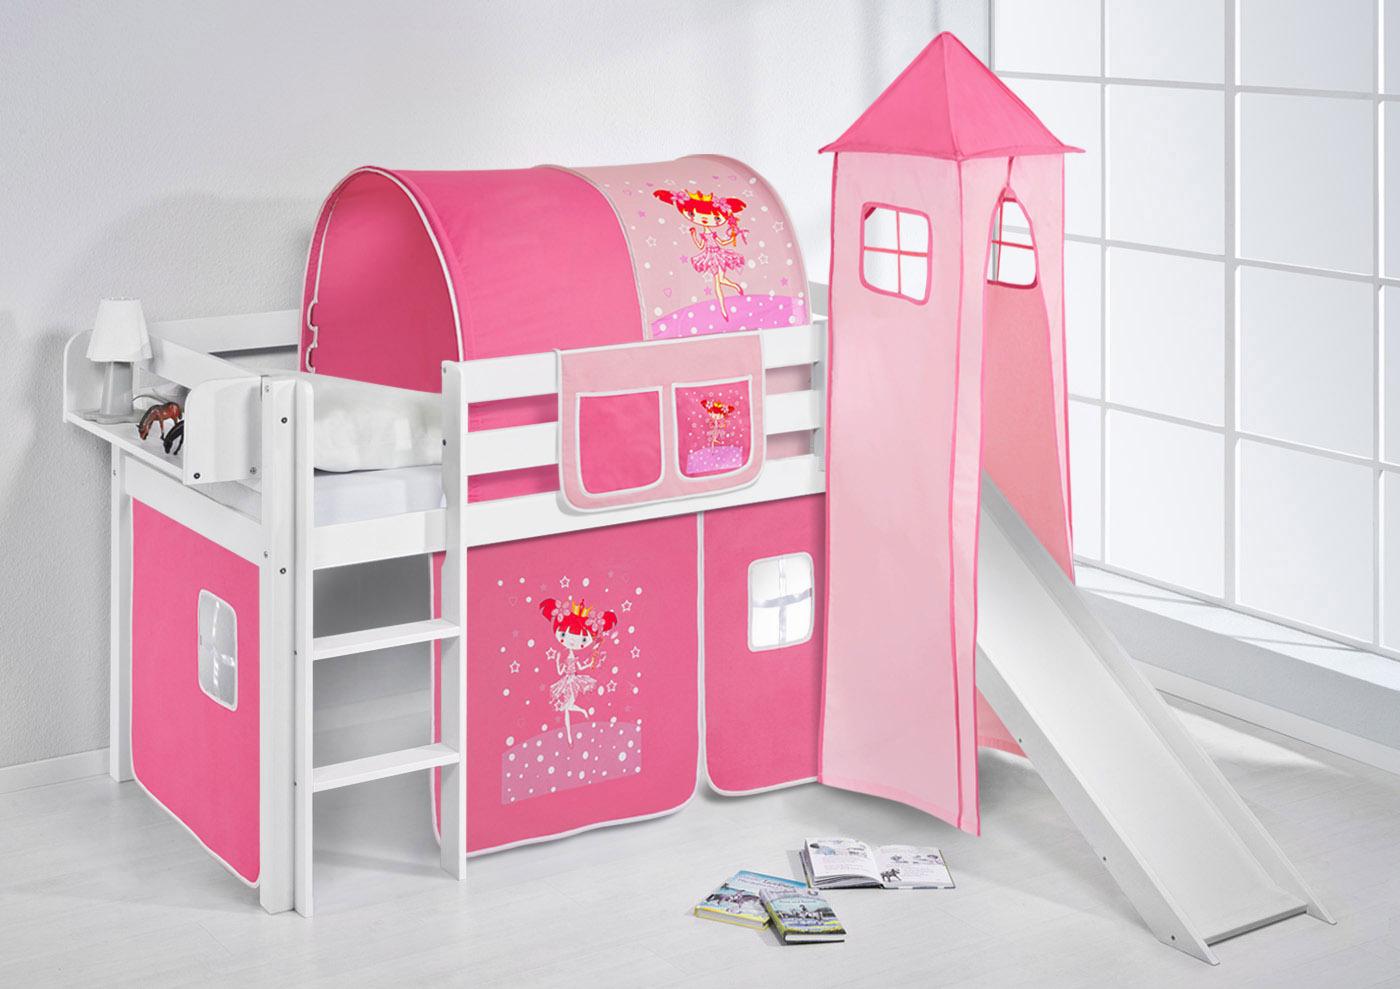 Ikea Kinderbett Mit Rutsche ~   Hochbett Kinderbett Kinder Bett JELLE mit Turm und Rutsche + Vorhang